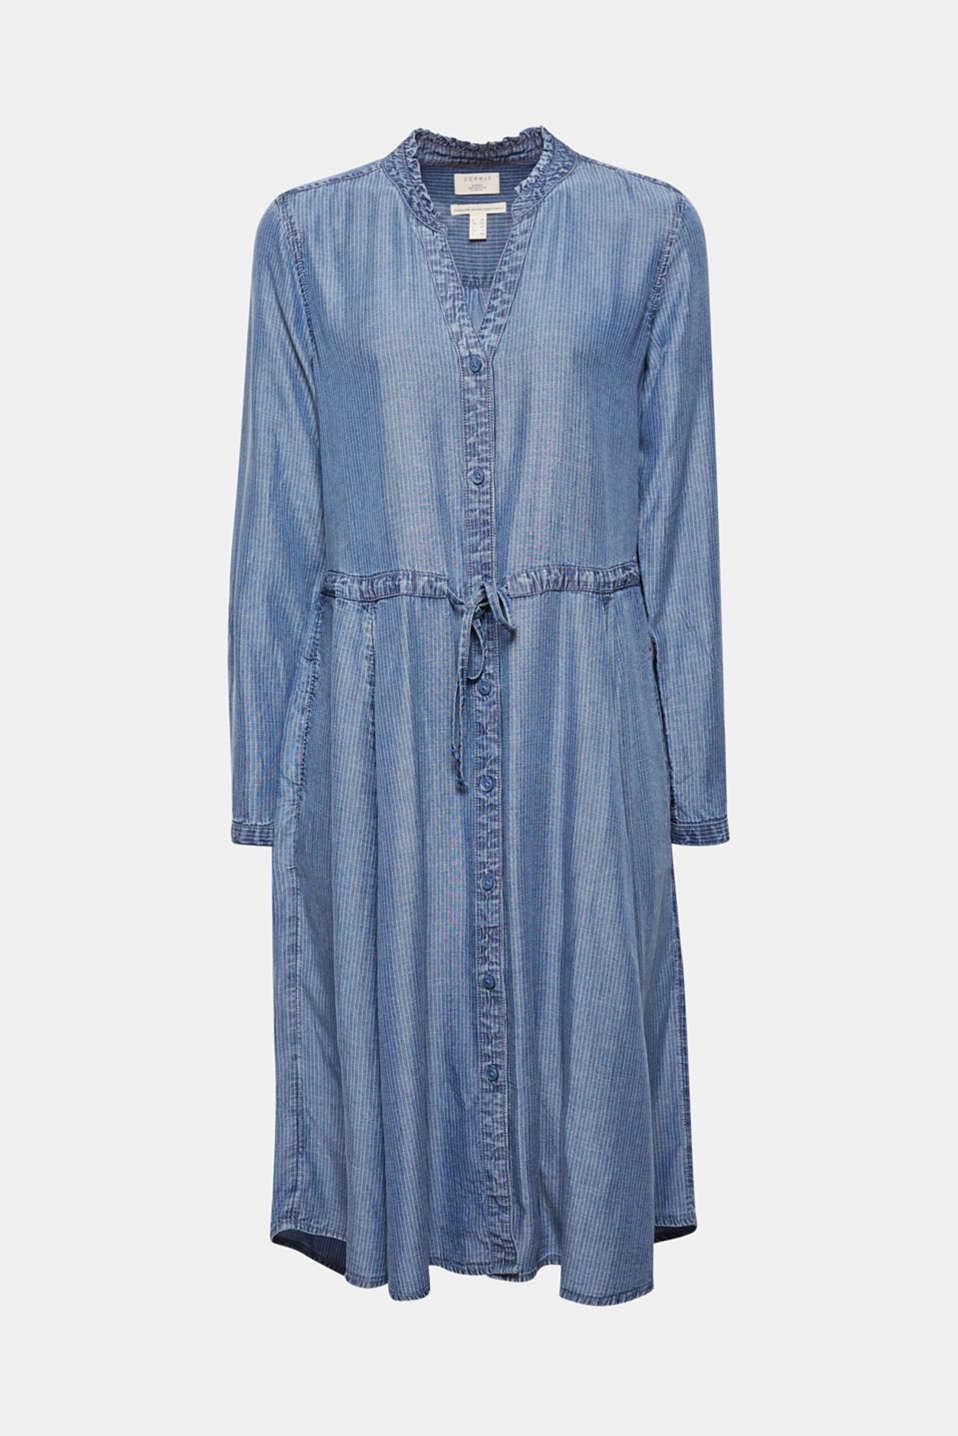 Dresses denim, BLUE LIGHT WASH, detail image number 7